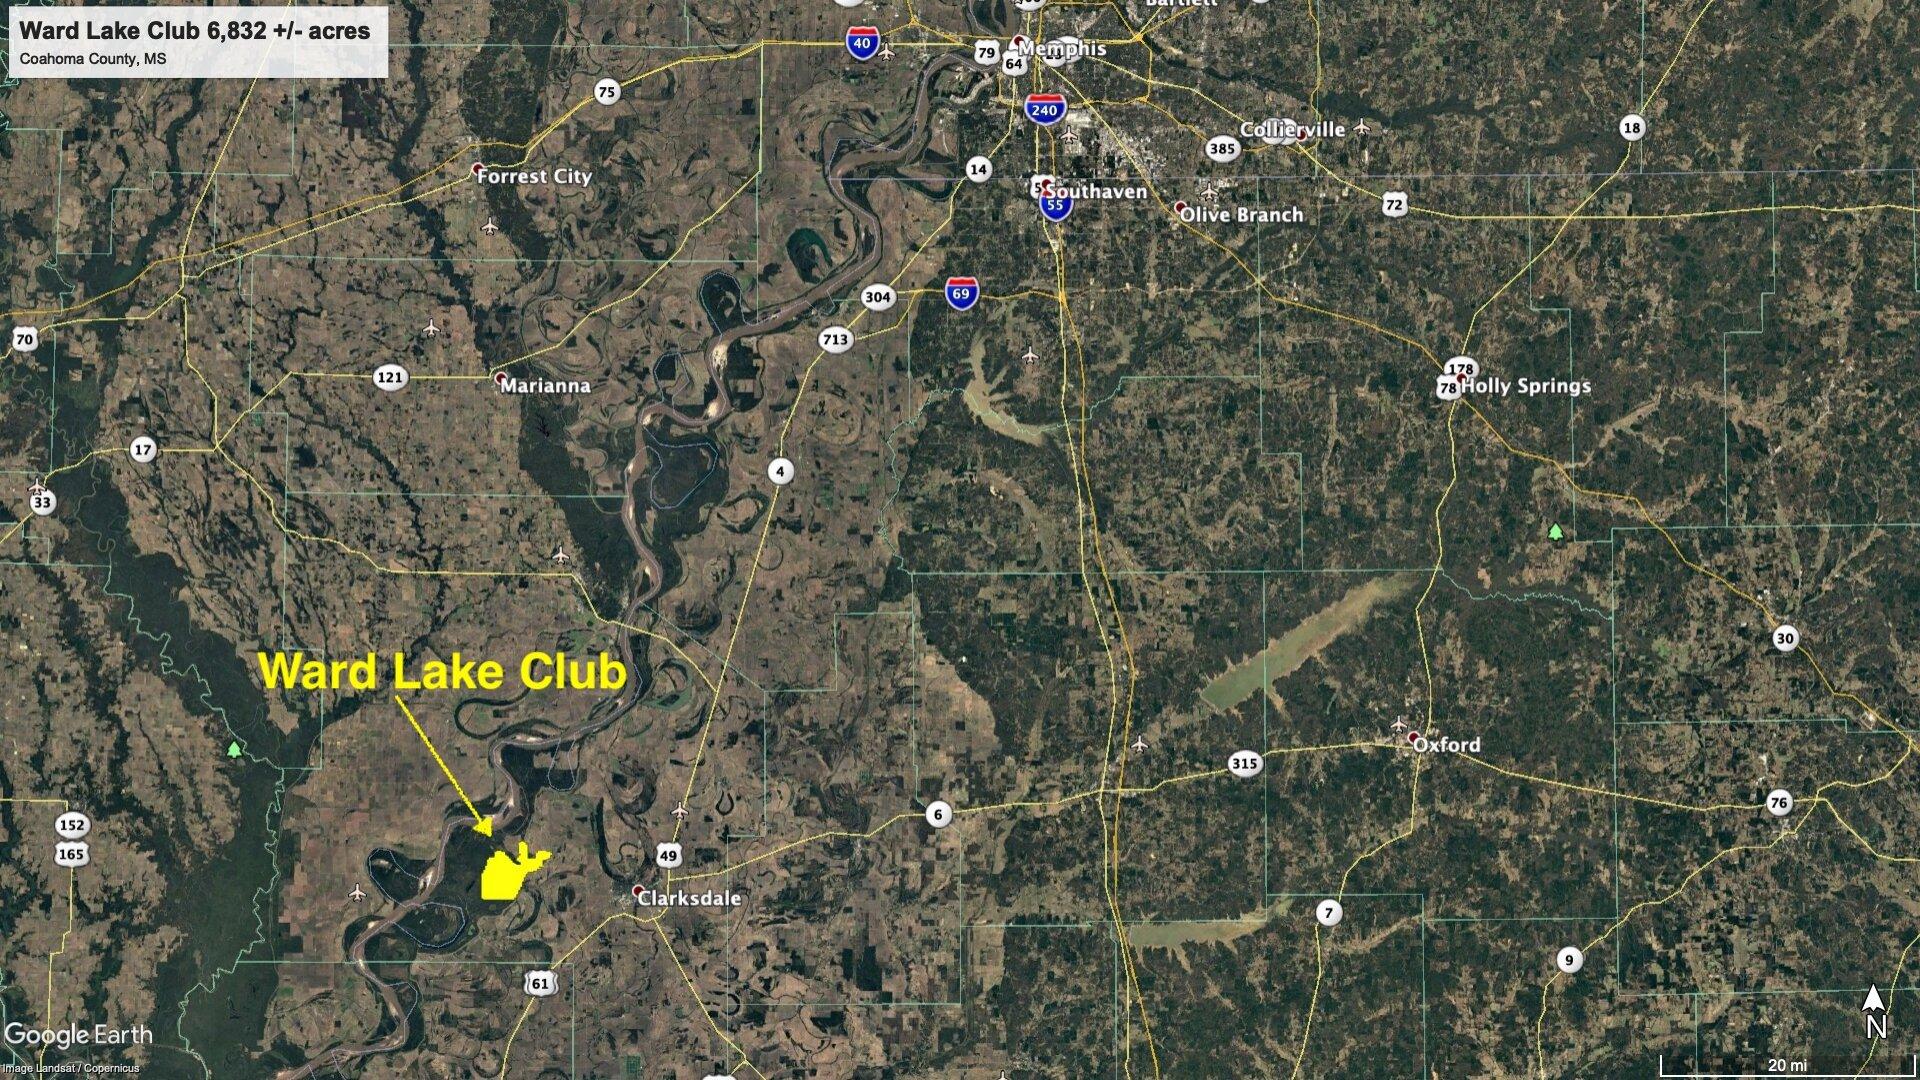 Ward Lake Aerial - Wide View.jpg